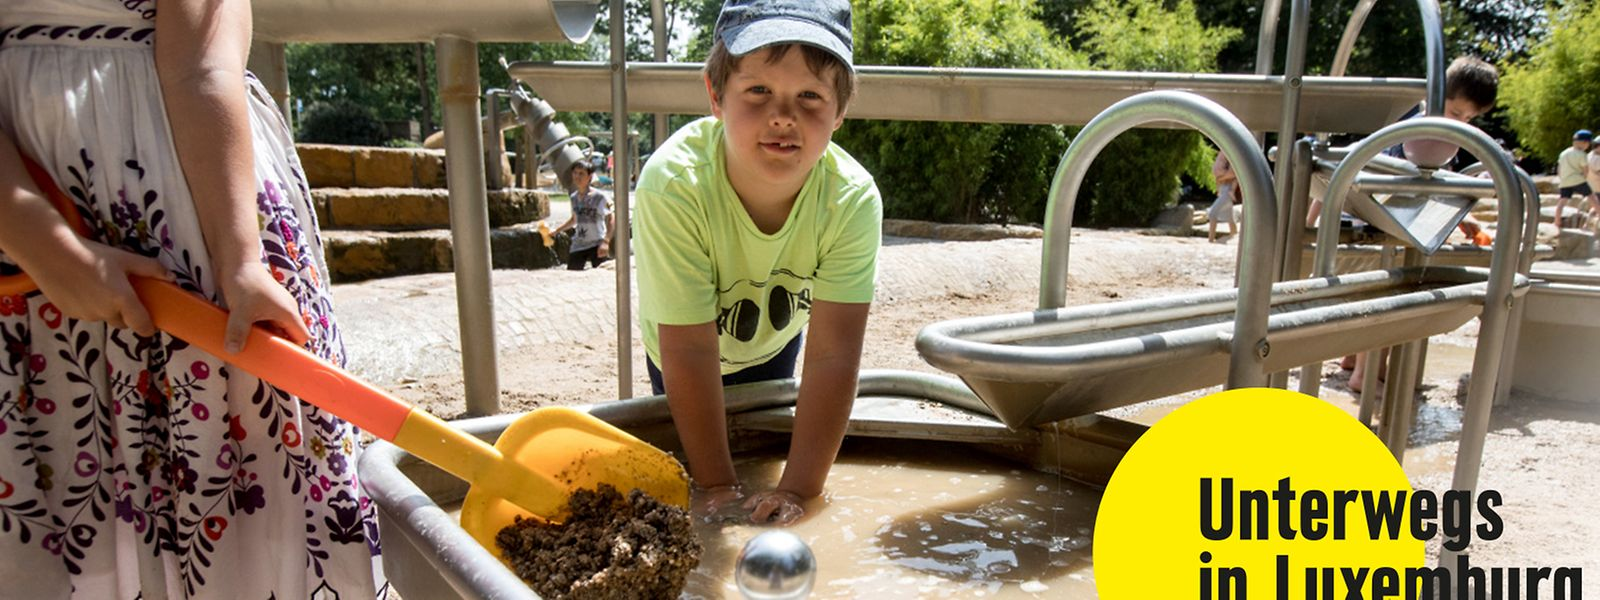 Mit Wasser und Sand hantieren, liebt jedes Kind.